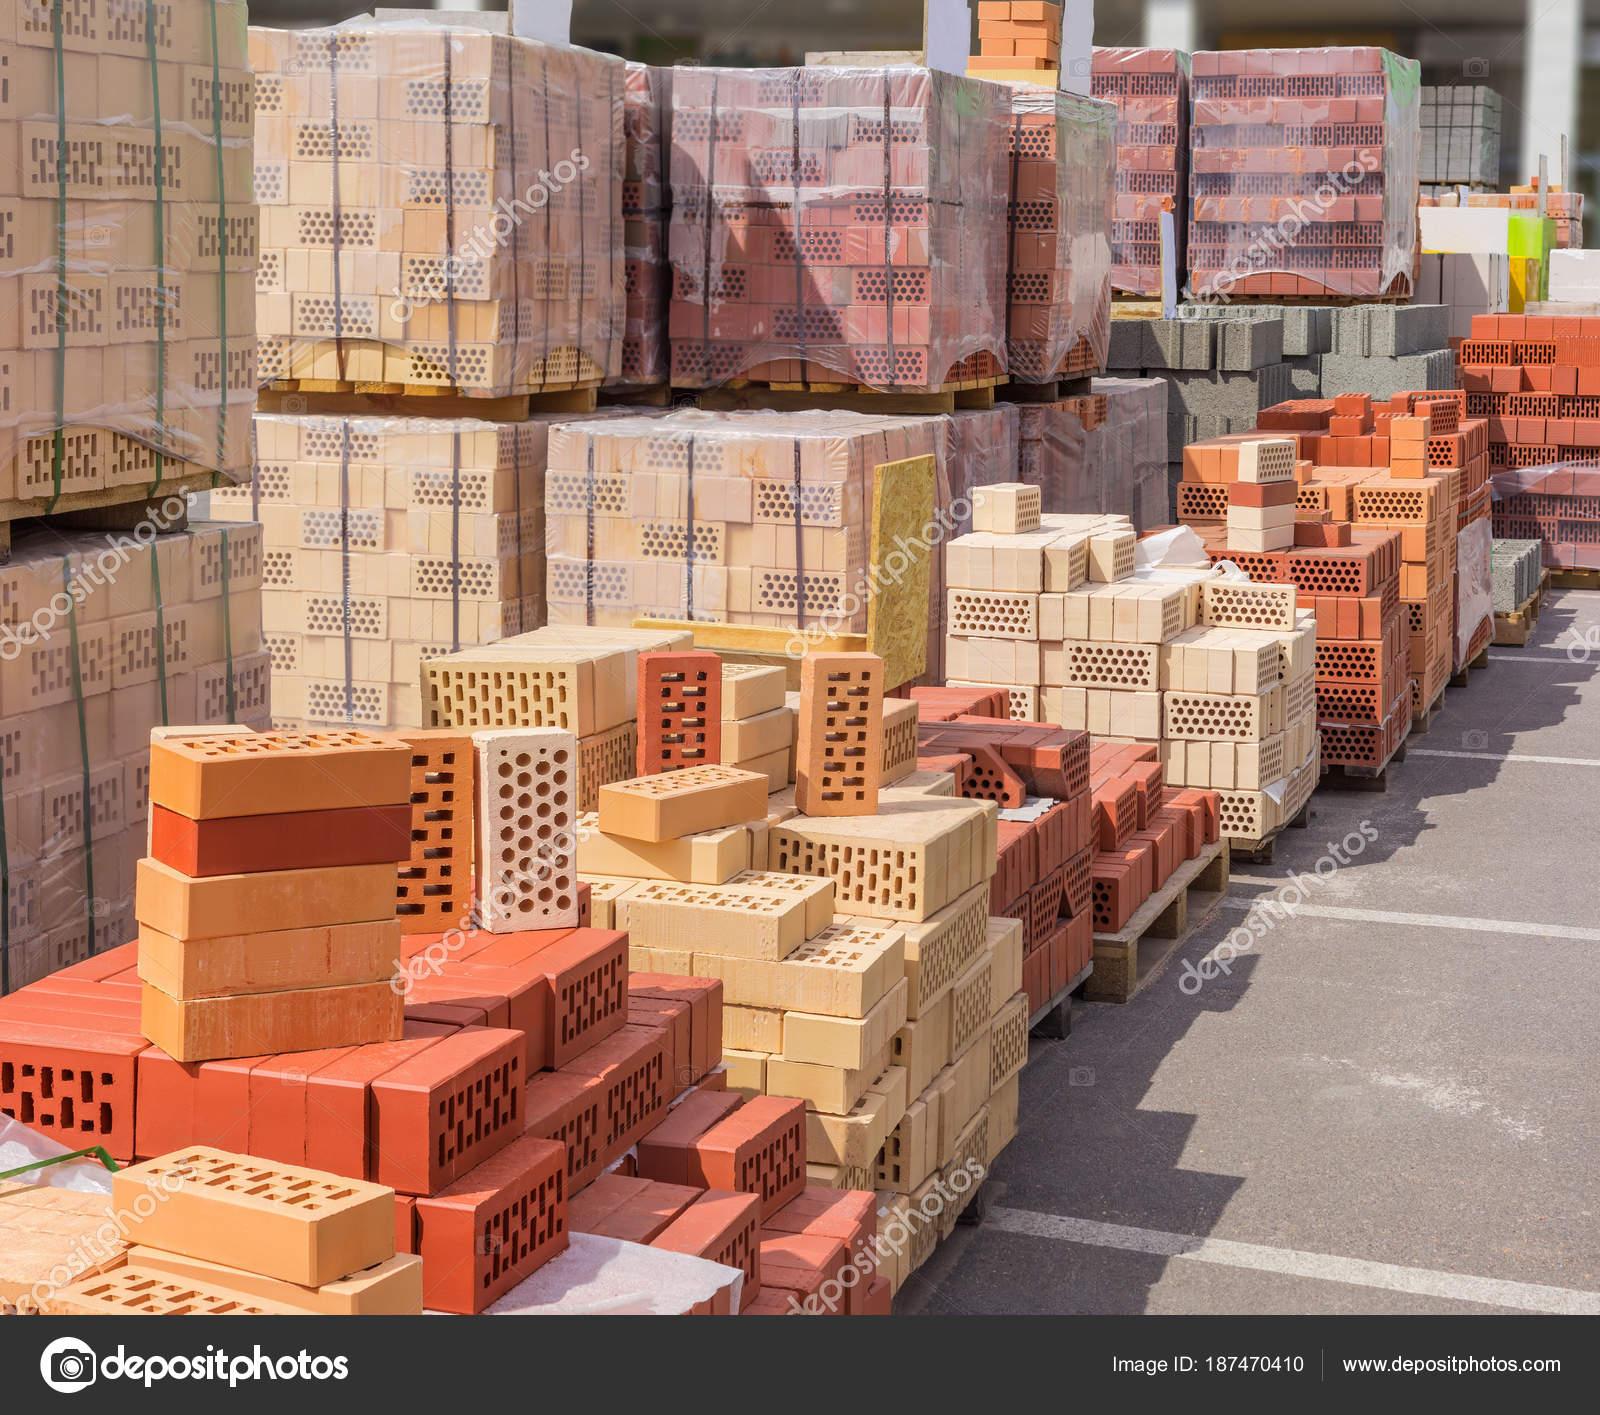 Diferentes ladrillos de construcci n sobre paletas en un for Banco de paletas al aire libre